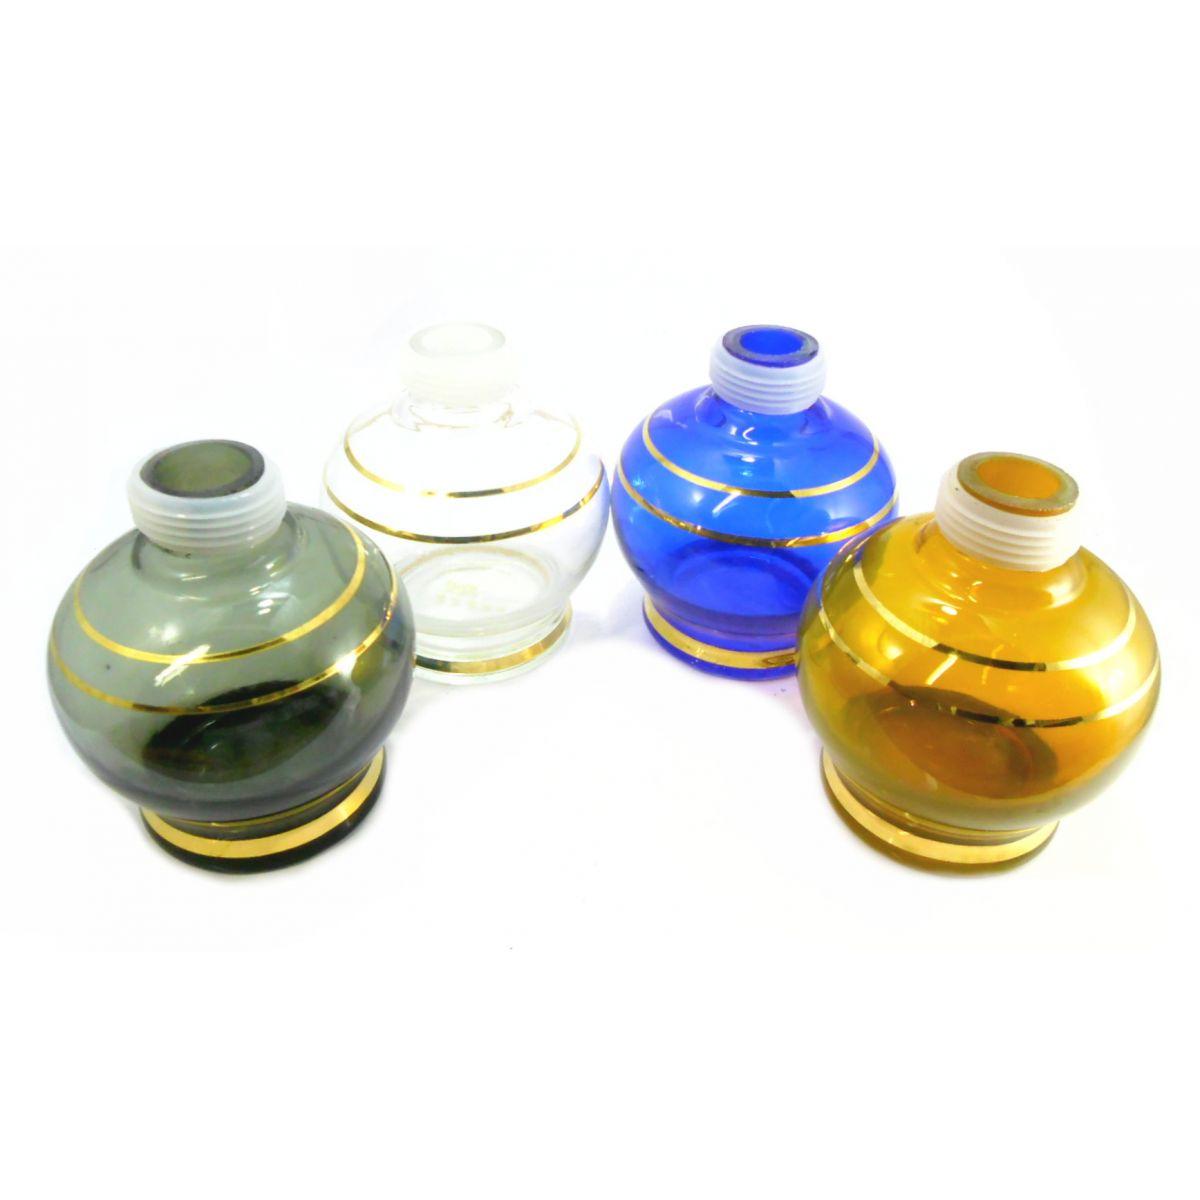 Vaso/base para narguile marca Kimo (15cm), bojudo, com LISTRA DOURADA. Encaixe macho (interno).